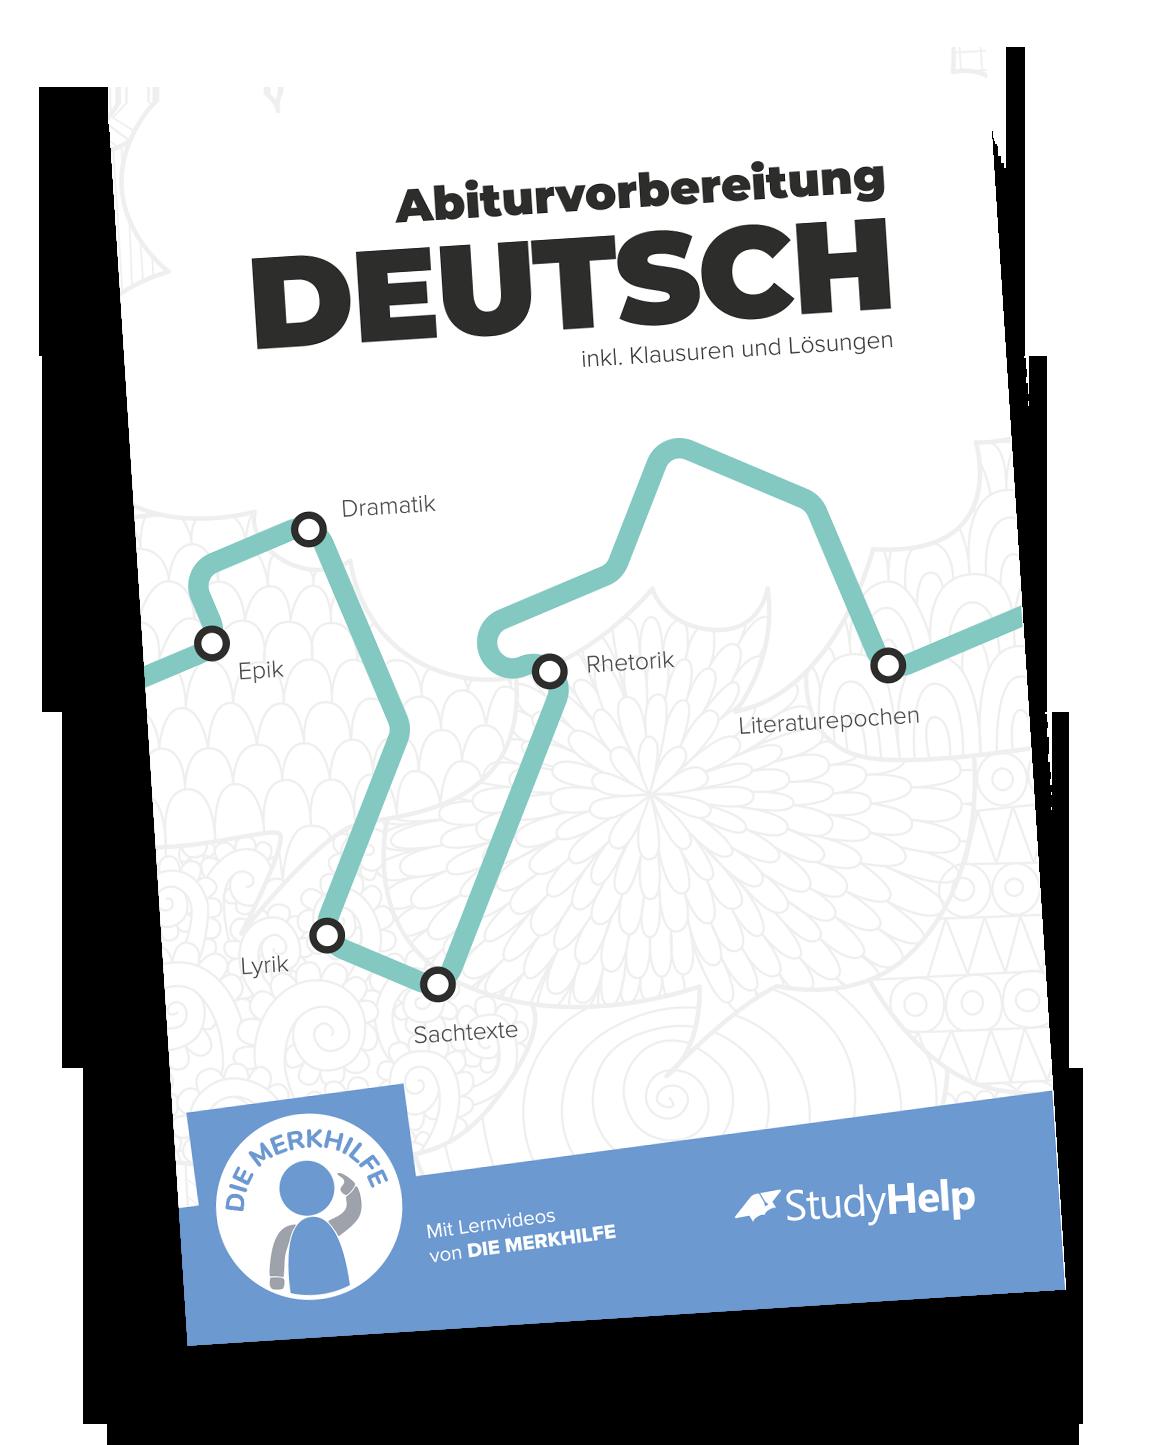 deutsch abiturvorbereitung - Erorterung Muster